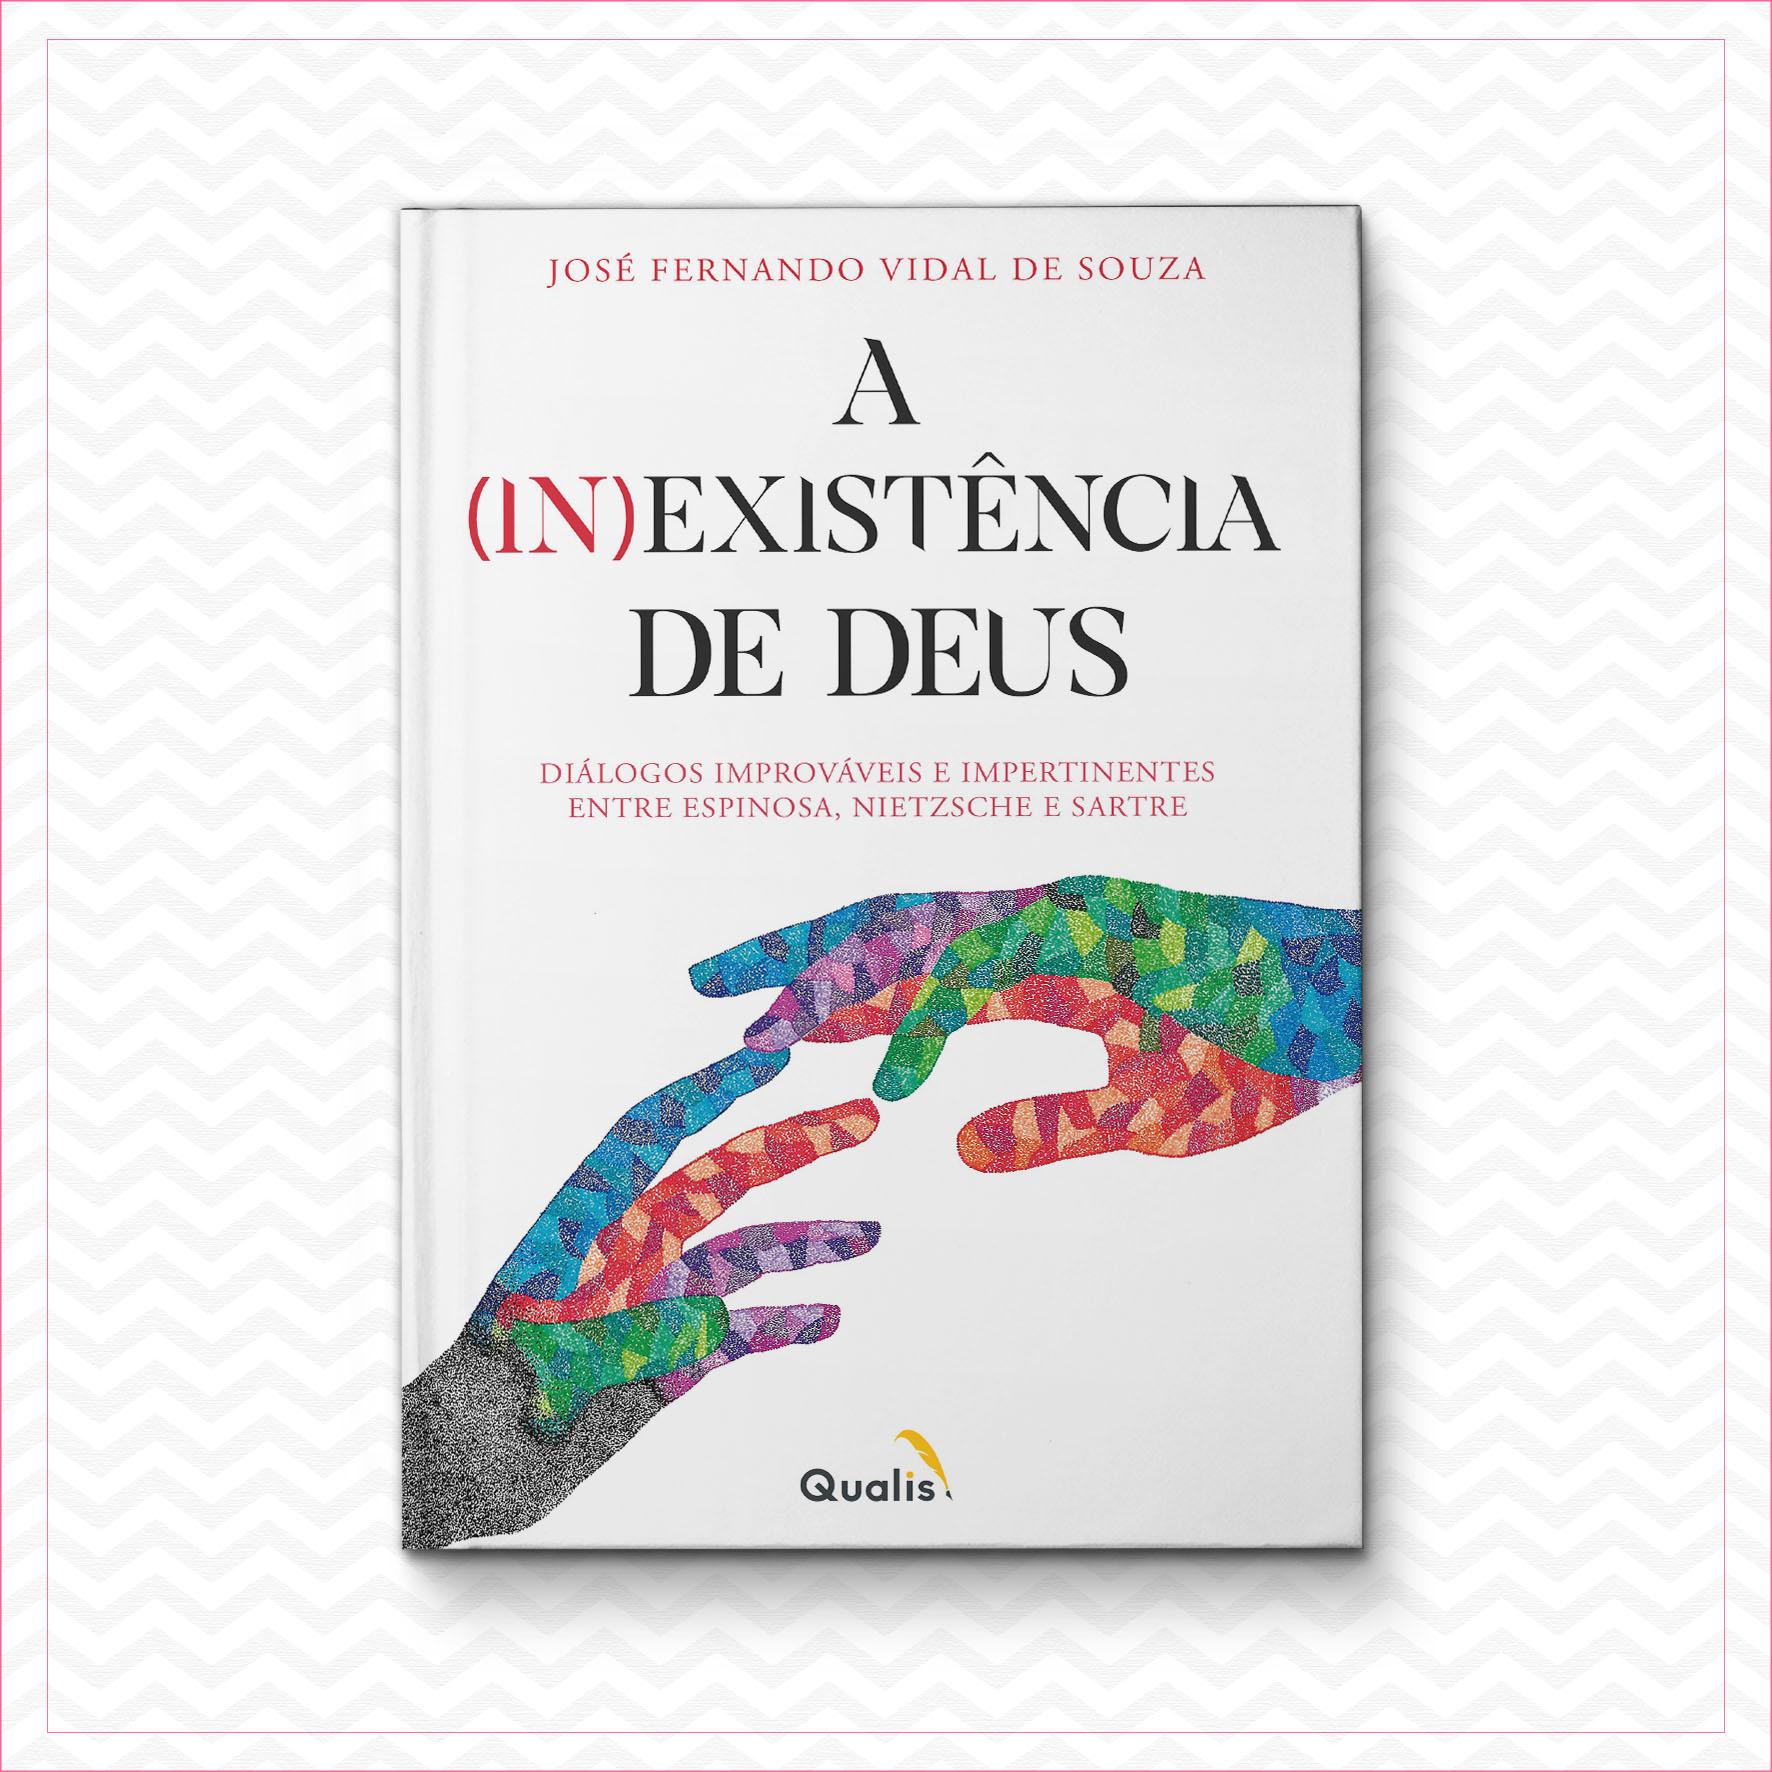 A (in)existência de Deus: Diálogos improváveis e impertinentes entre Espinosa, Nietzsche e Sartre – José Fernando Vidal de Souza